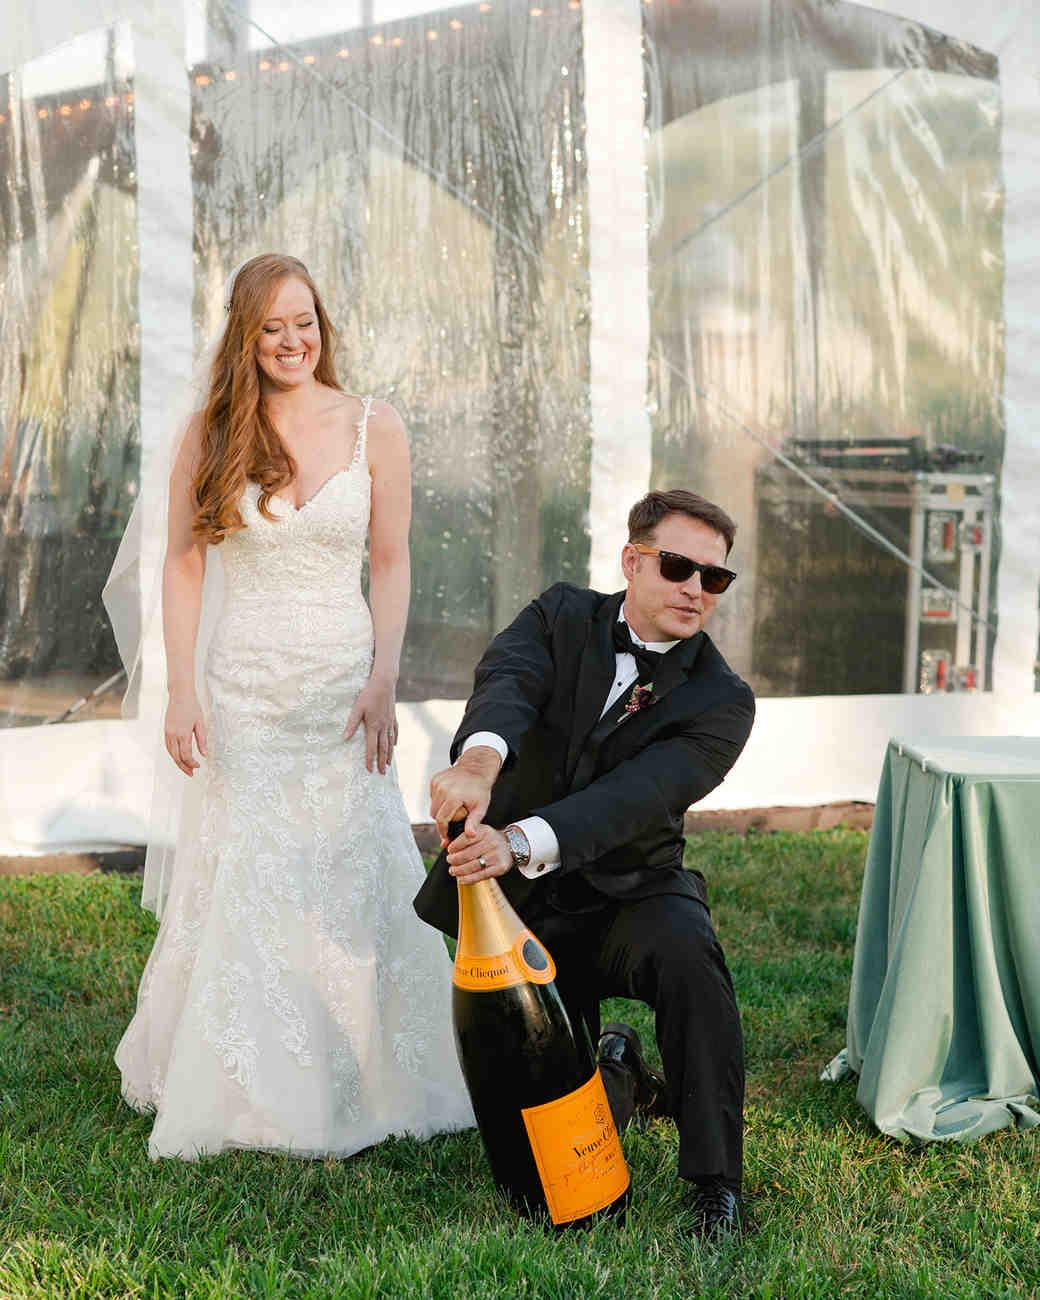 jen geoff wedding groom opening champagne